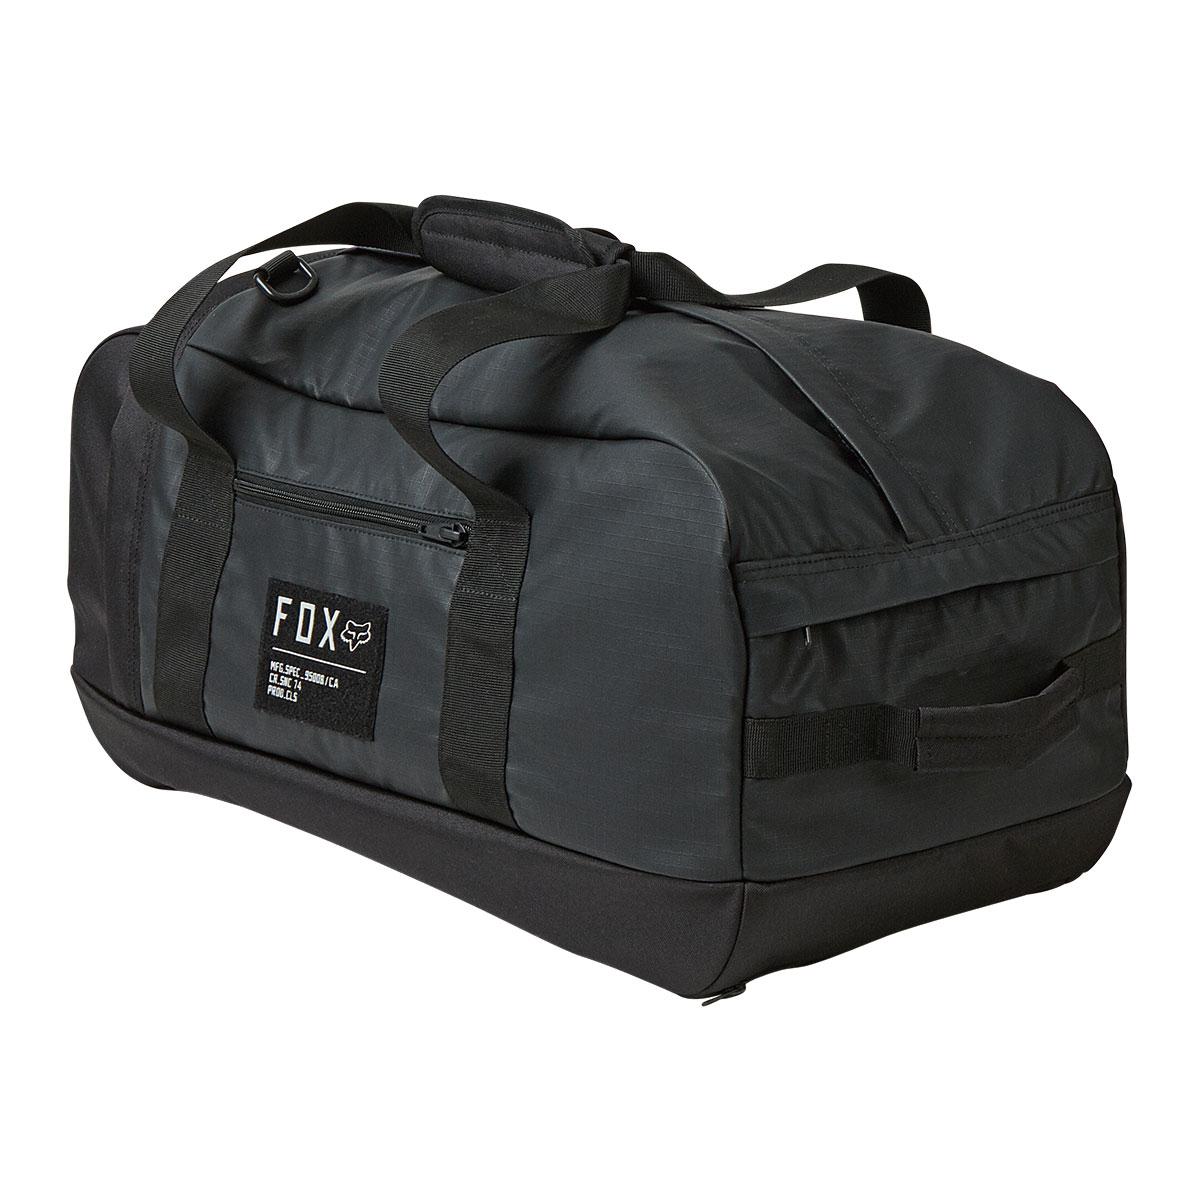 画像1: ダッフルバッグとバックパックの2WAY仕様が嬉しい、多機能バッグ